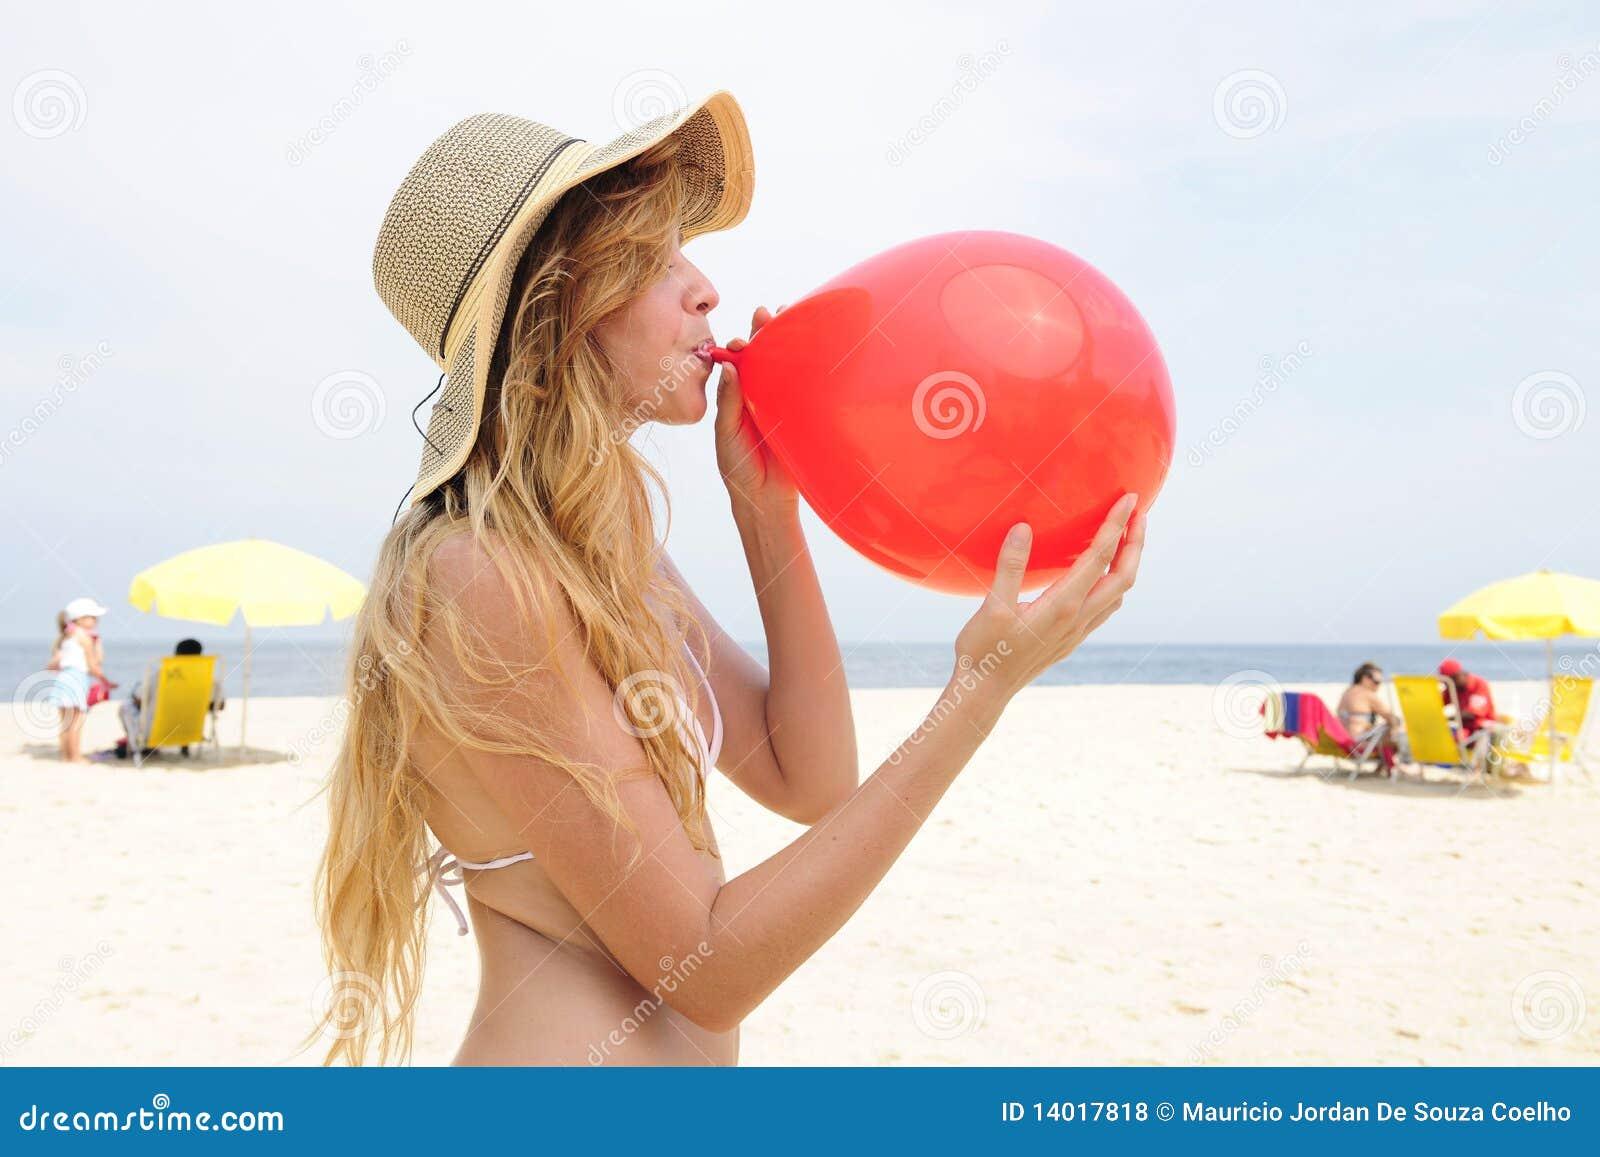 Femme gonflant un ballon rouge sur la plage photos libres de droits image 14017818 - Sortie de plage femme ...